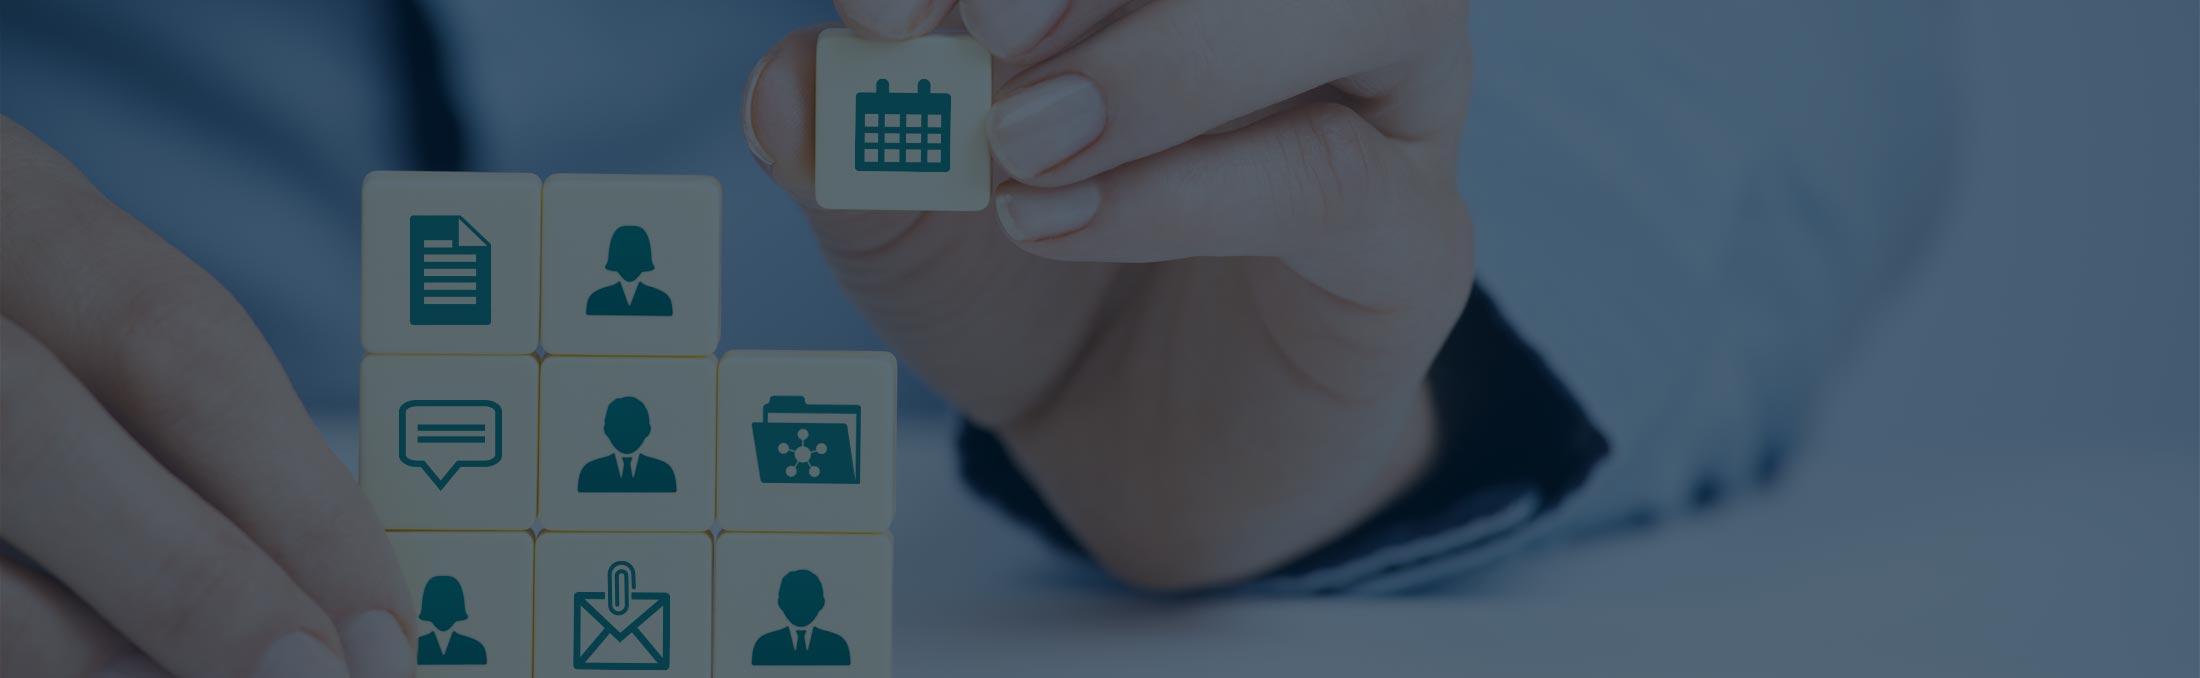 Kundenverwaltung und Büromanagement, Kommunikation und Verwaltung